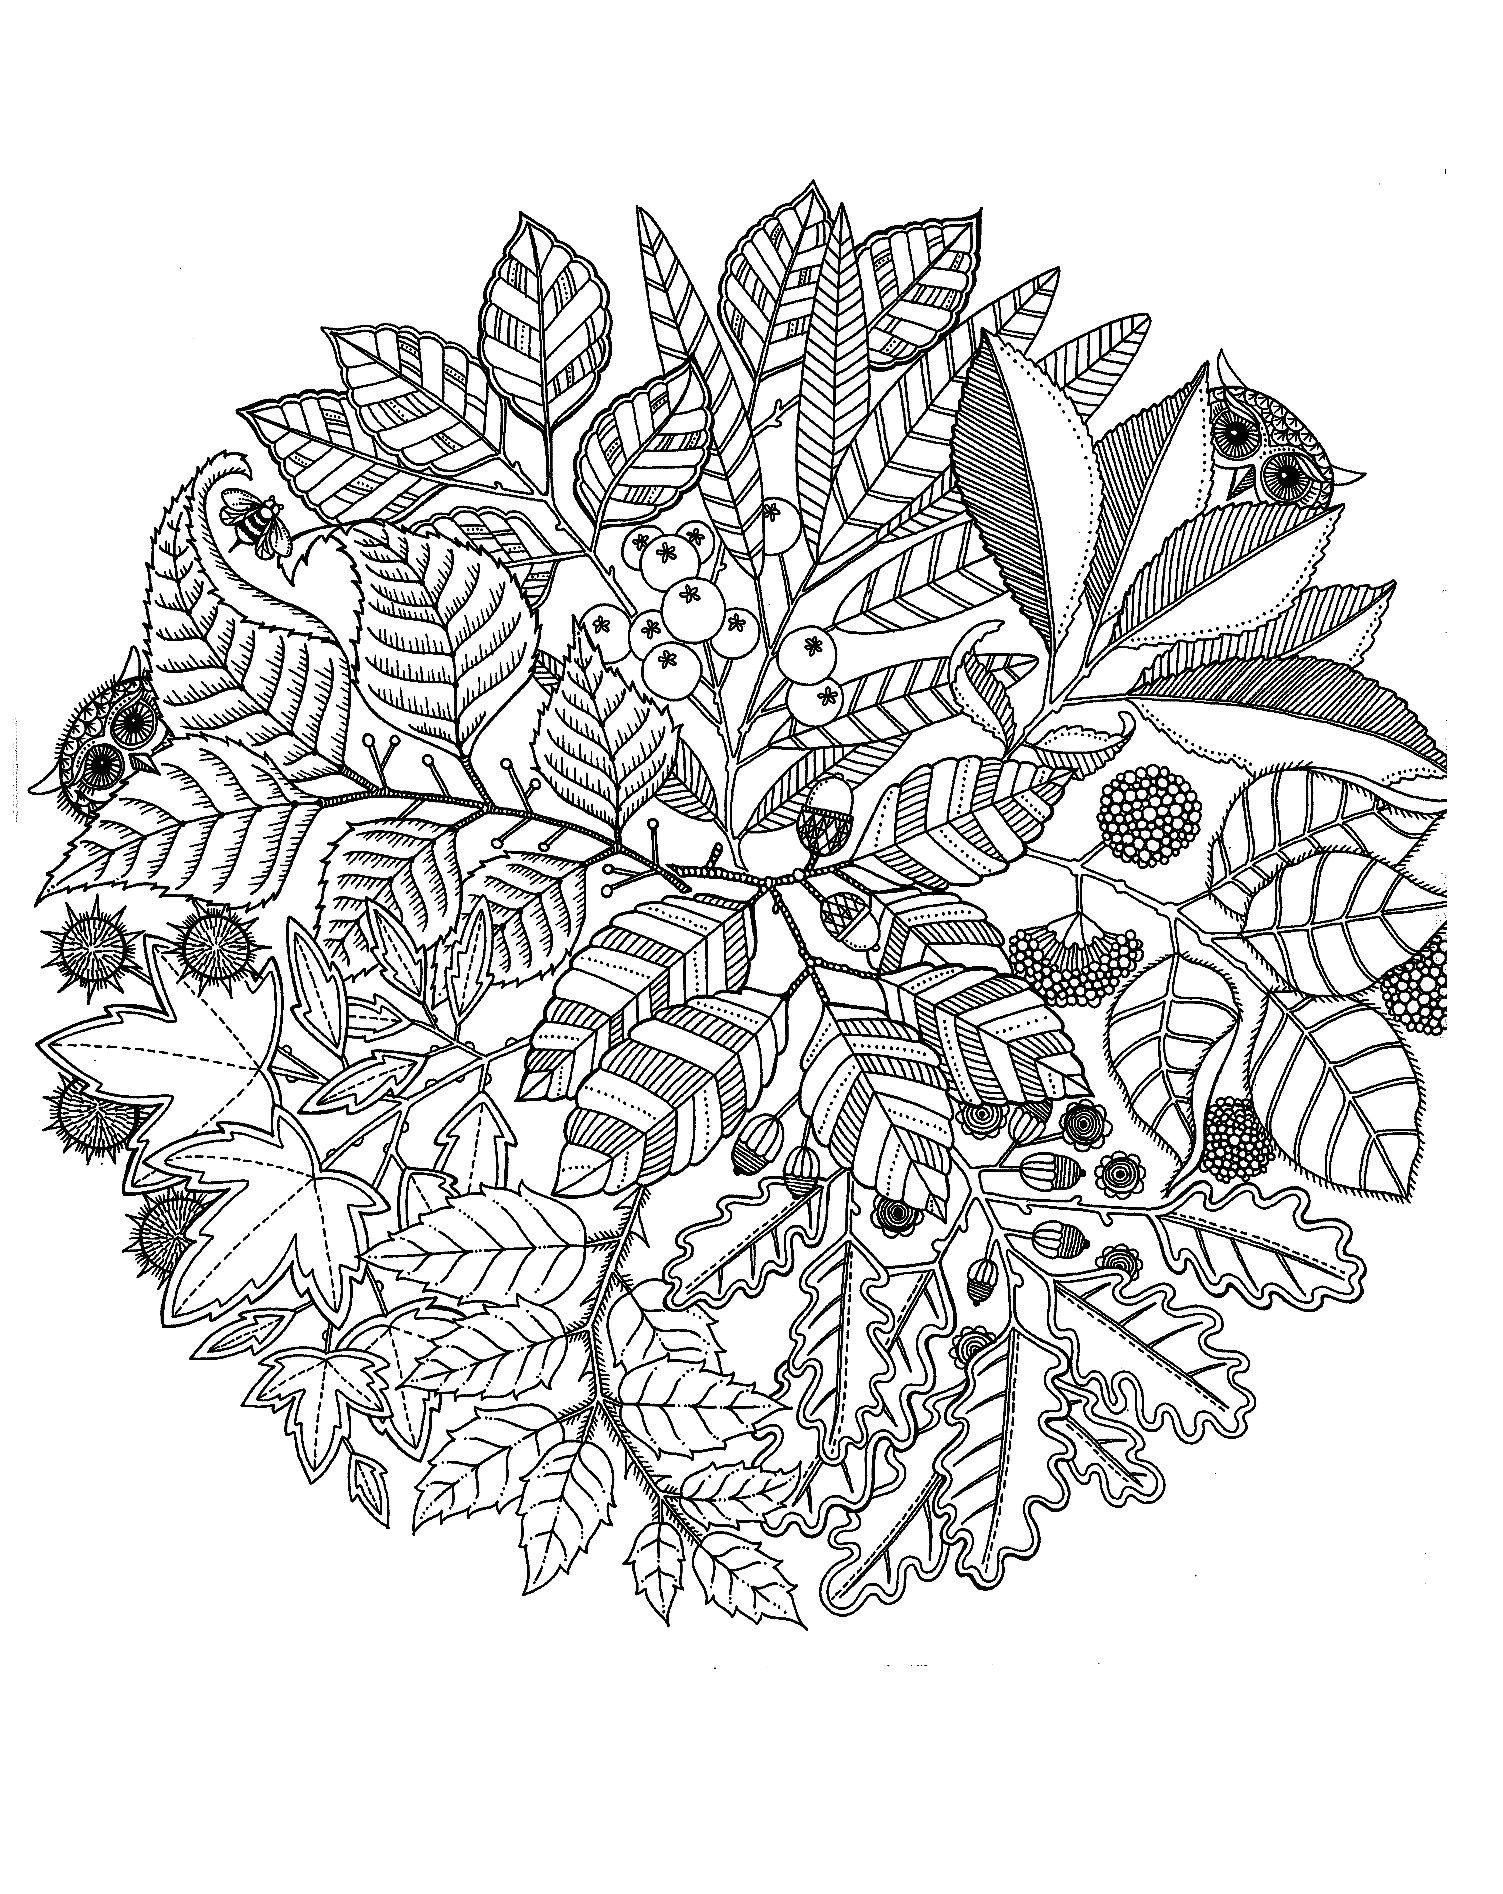 Pour imprimer ce coloriage gratuit coloriage adulte - Fleur a imprimer gratuit ...